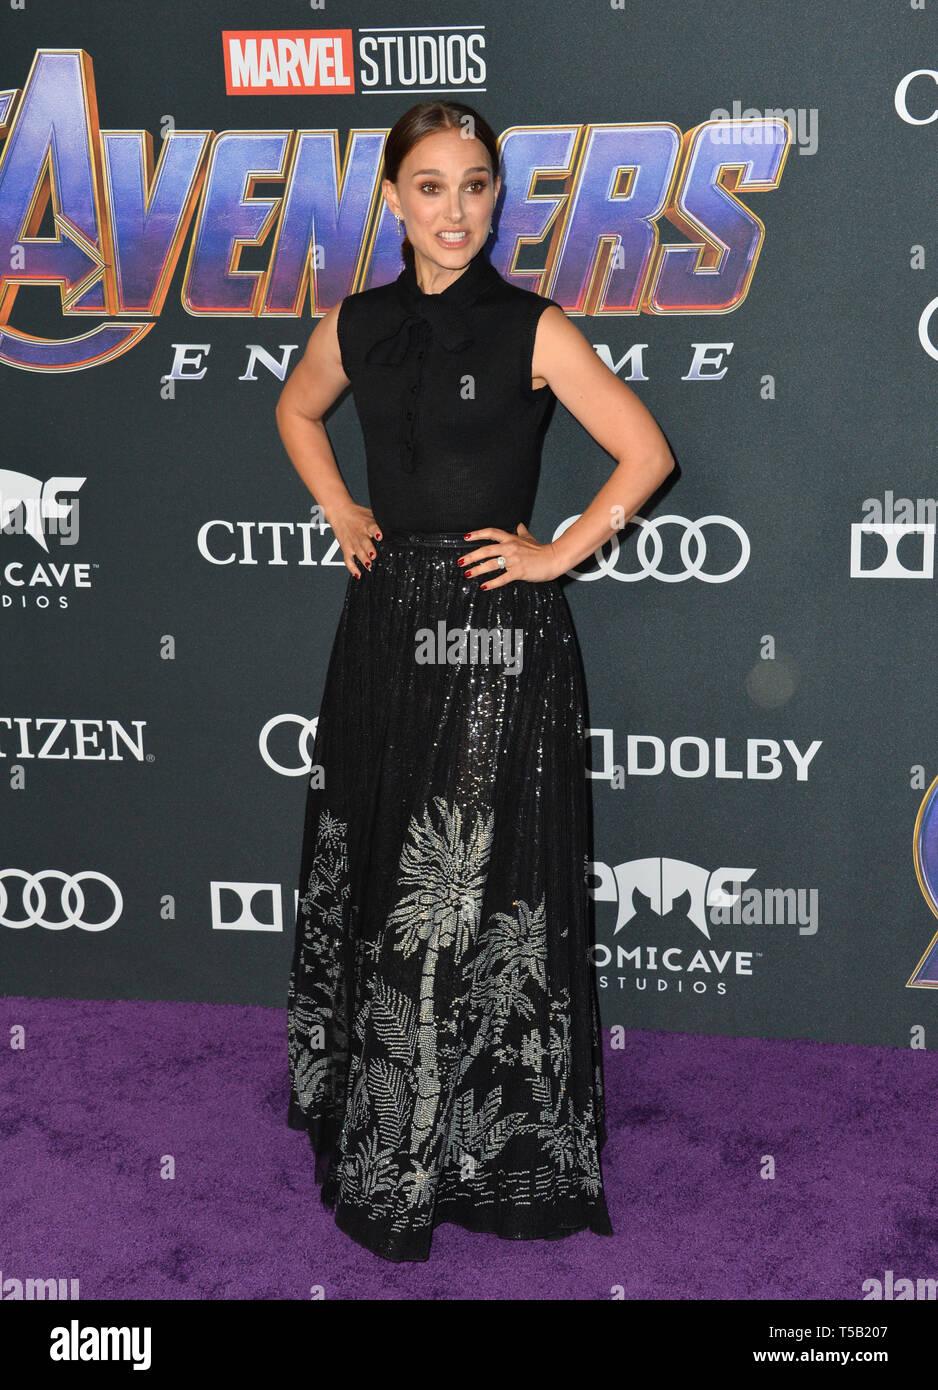 Los Angeles, USA. 22 avr, 2019. LOS ANGELES, USA. 22 avril 2019: Natalie Portman lors de la première mondiale d' 'Les Studios Marvel Avengers: Endgame'. Crédit: Paul Smith/Alamy Live News Banque D'Images